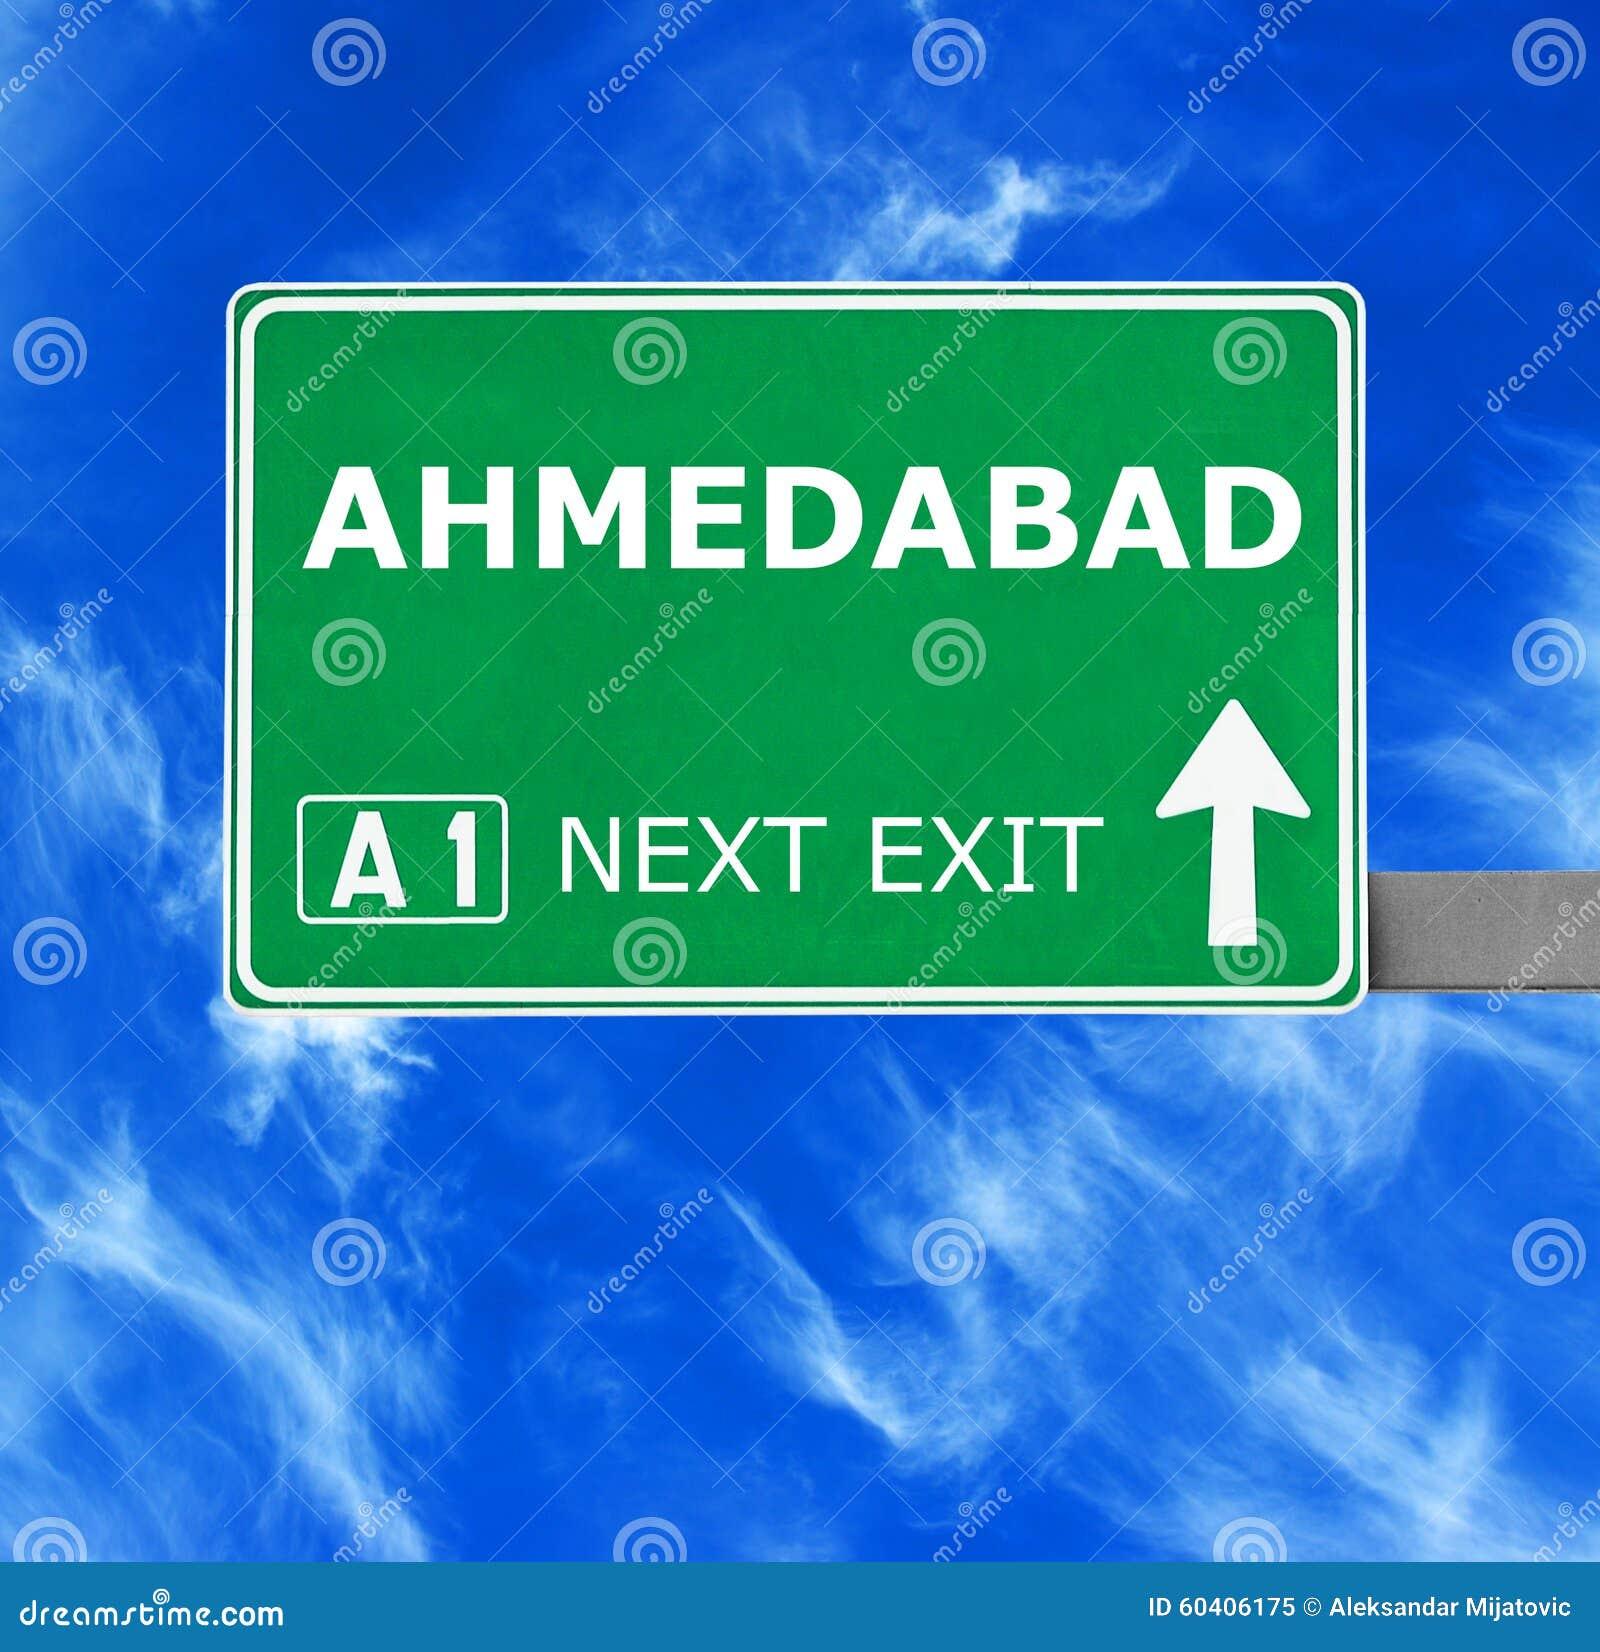 Panneau routier d AHMEDABAD contre le ciel bleu clair